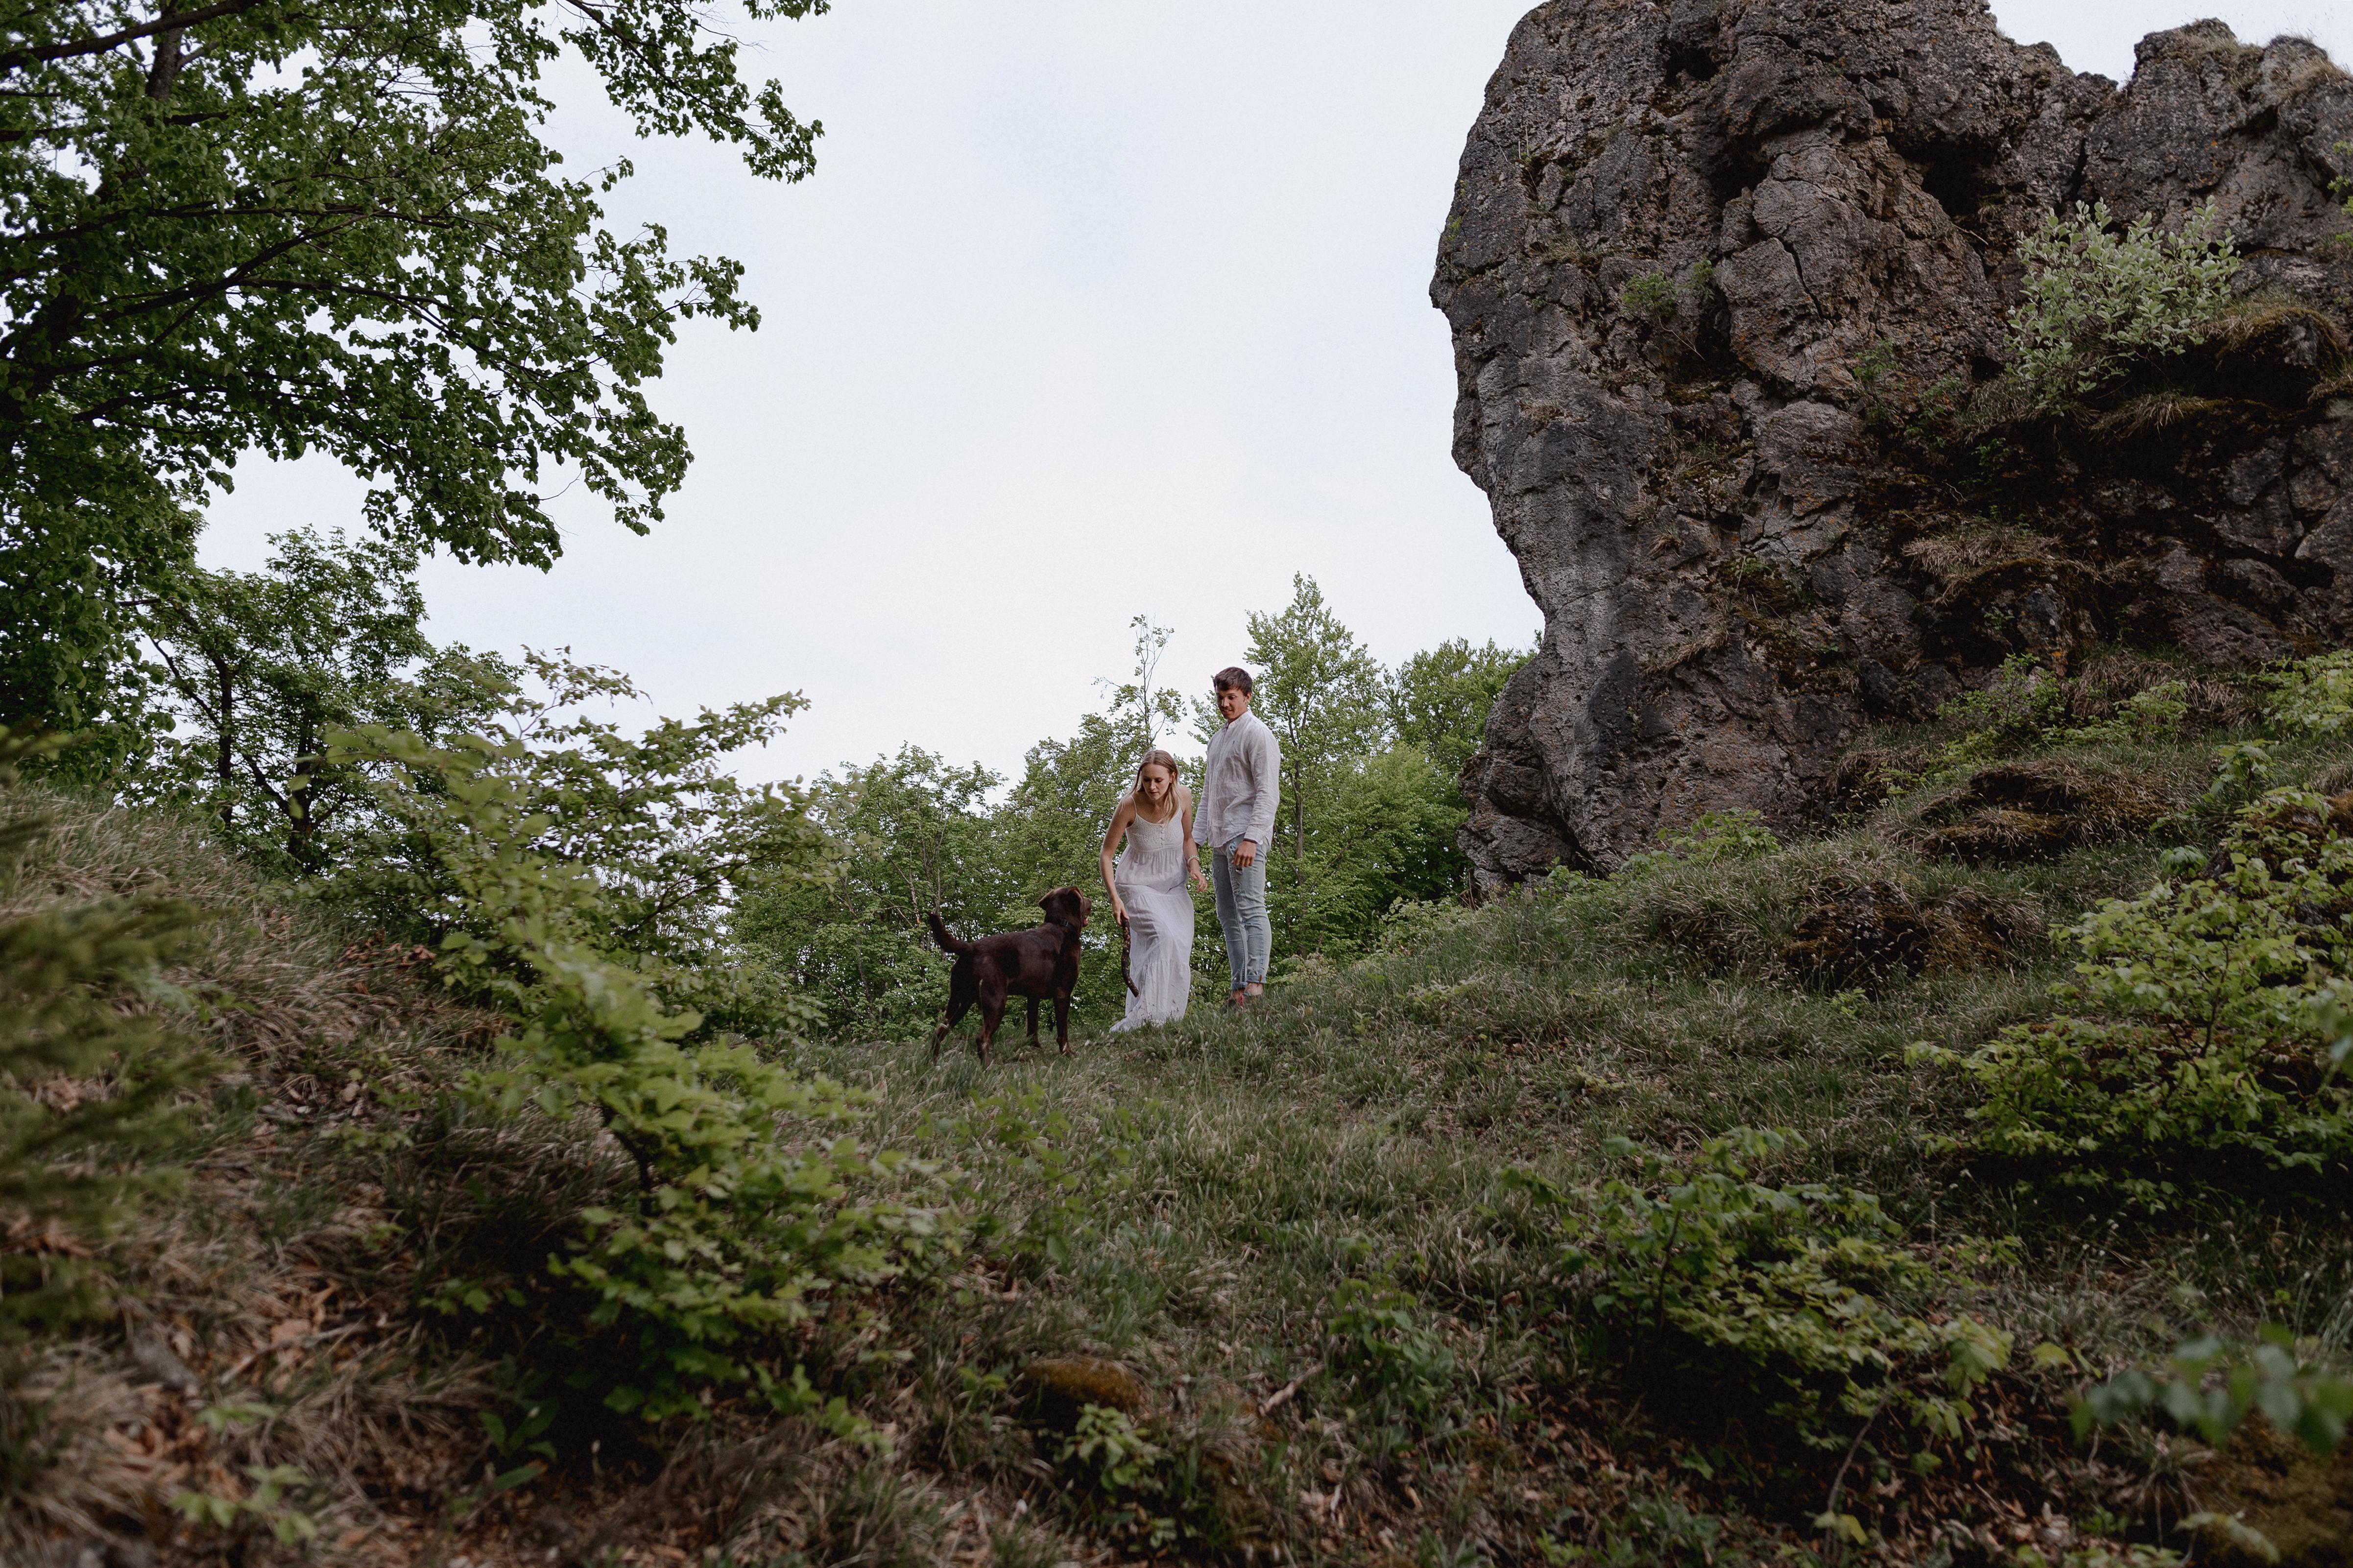 URBANERIE_Daniela_Goth_Vintage_Fotografin_Nuernberg_Fuerth_Erlangen_180502_0164